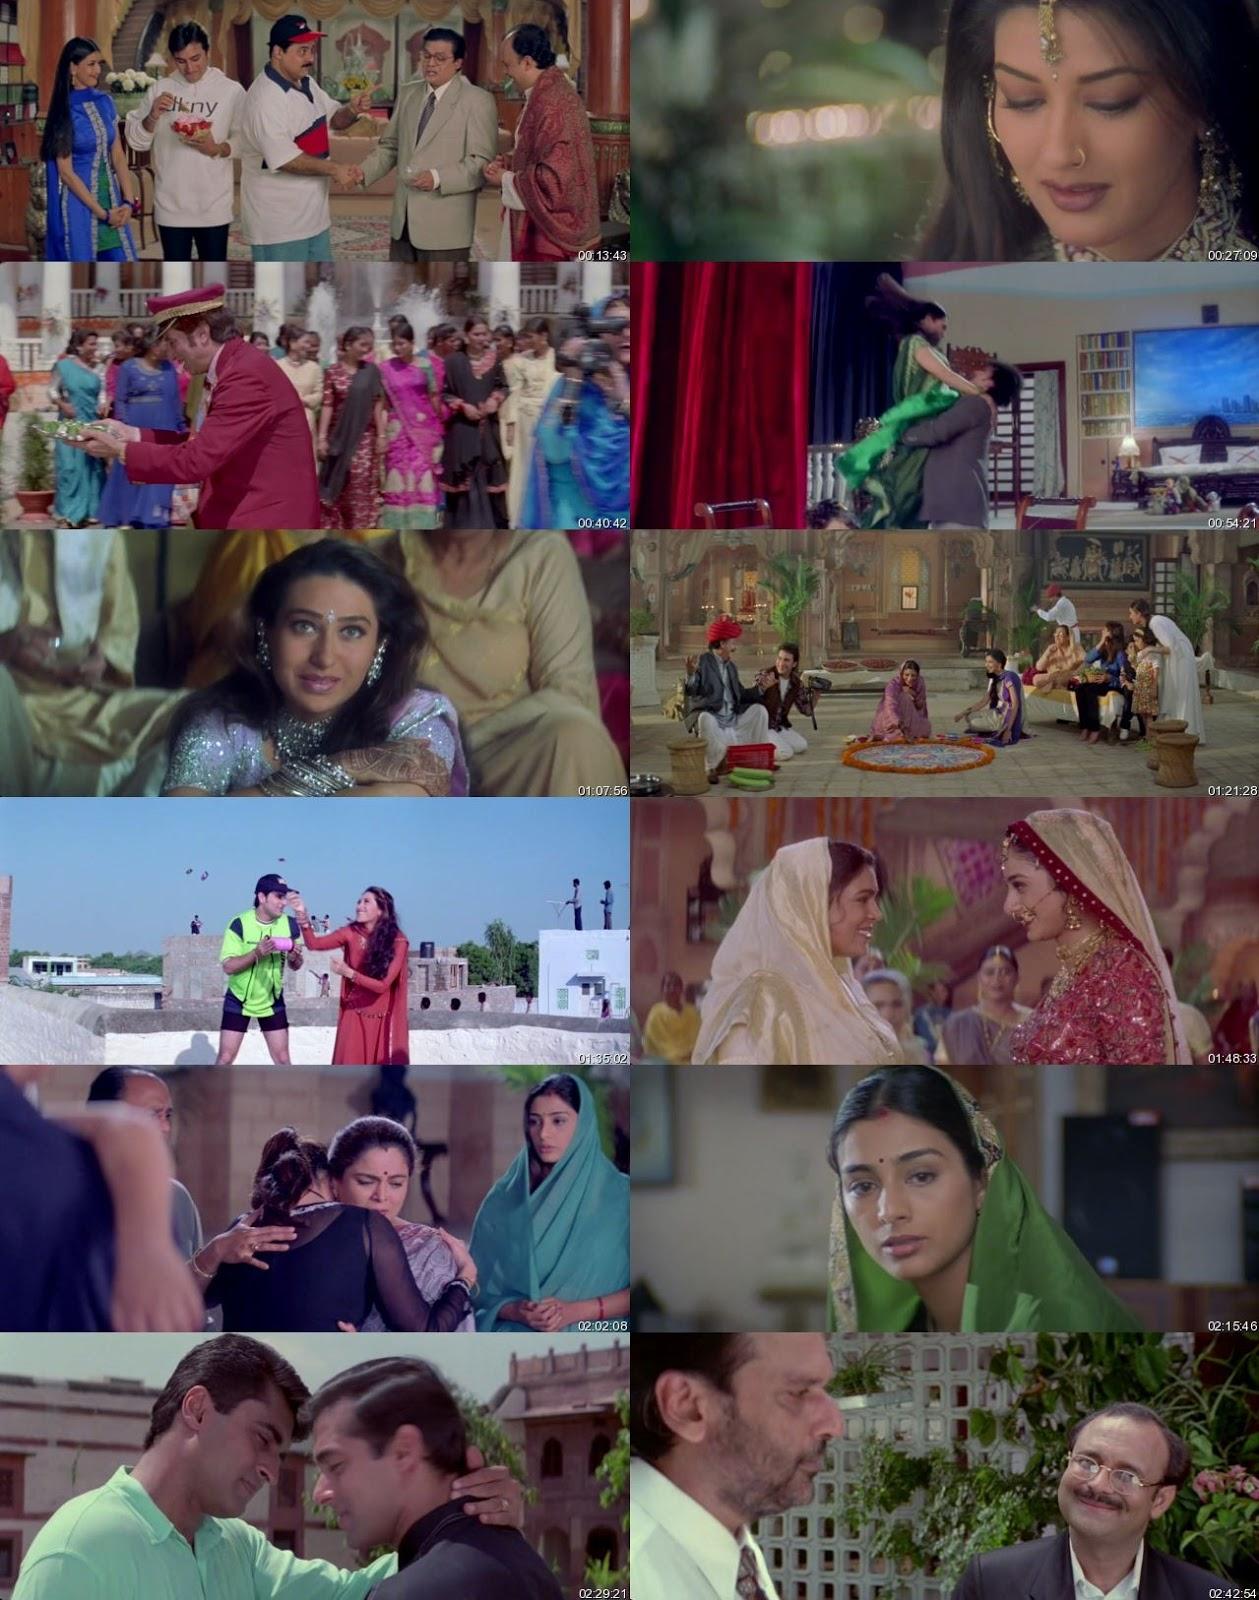 Hum Saath – Saath Hain 1999 Full Hindi Dubbed Movie Download